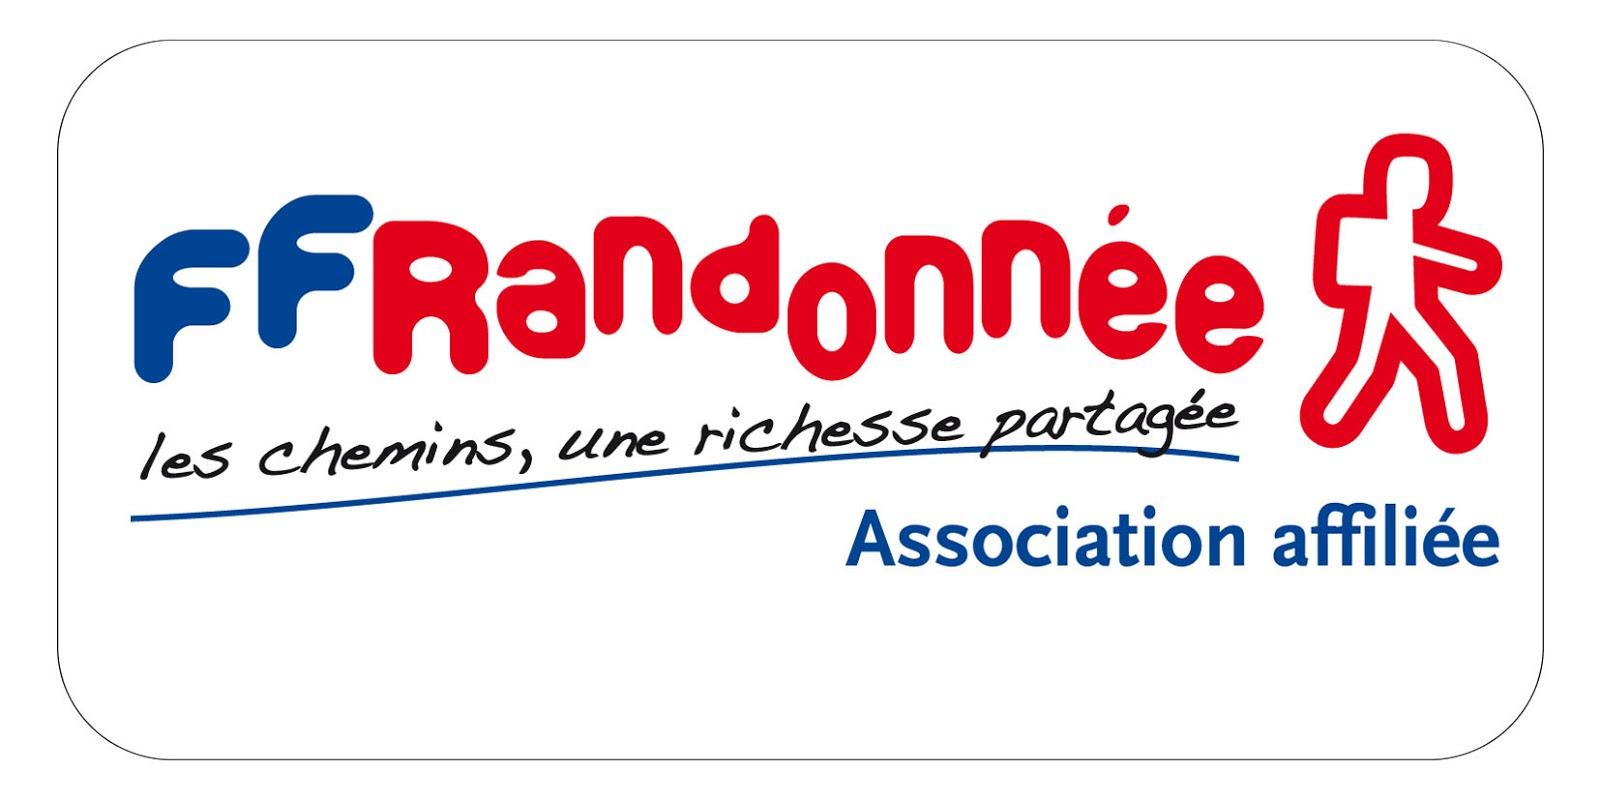 Randonnee Pedestre Vendee Calendrier 2020.Les Panarenfles De Montaigu